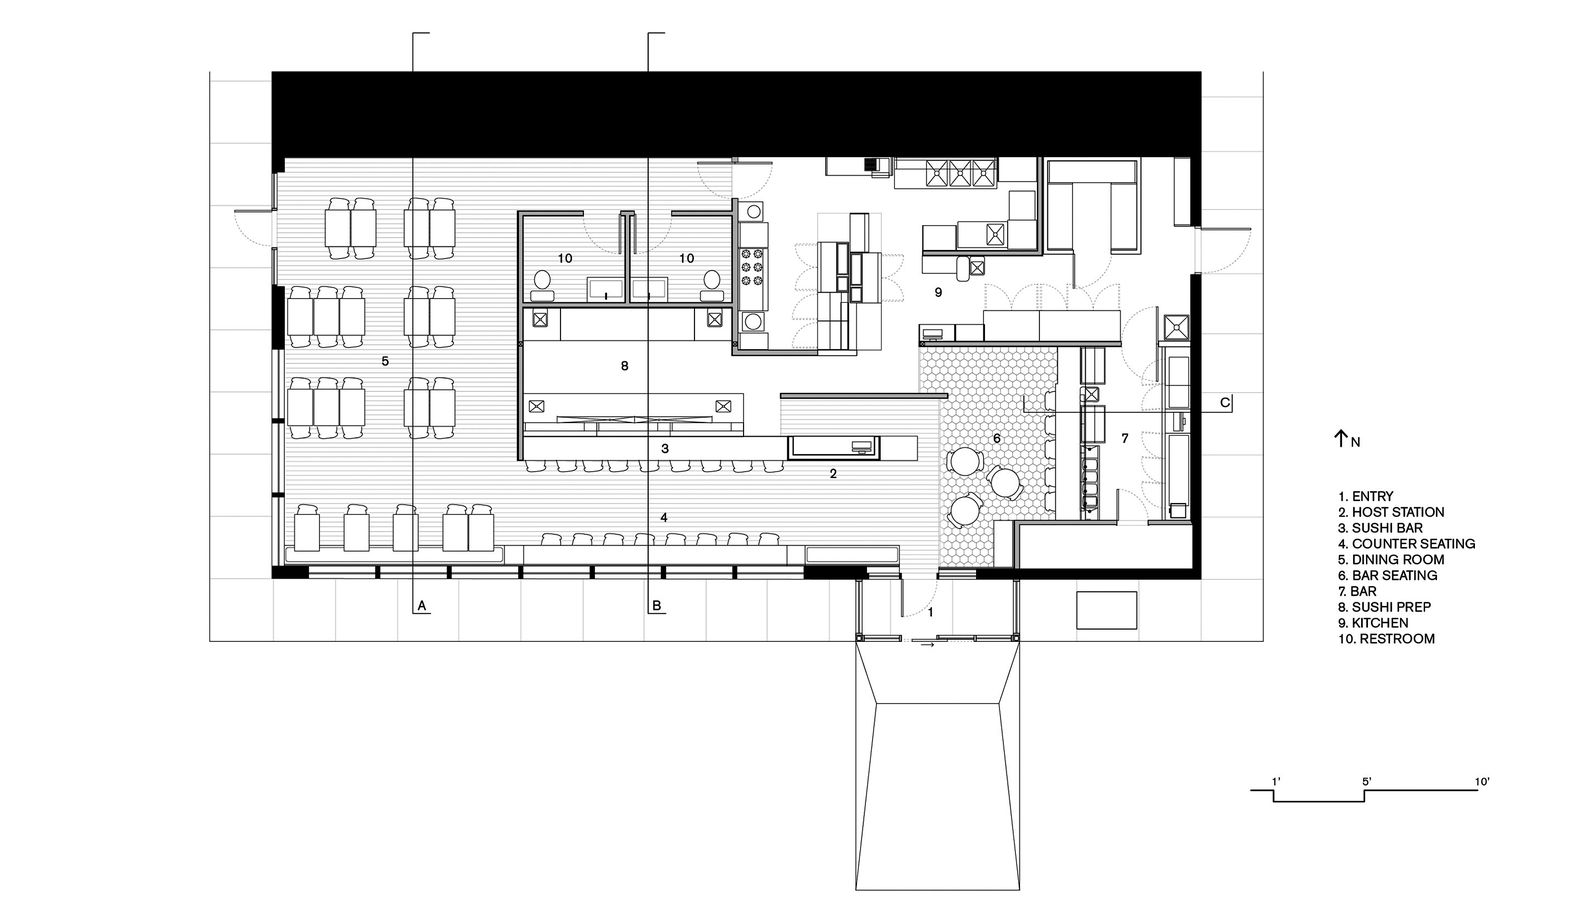 small resolution of gallery aka sushi synecdoche design studio daub lab 14 restaurant plan